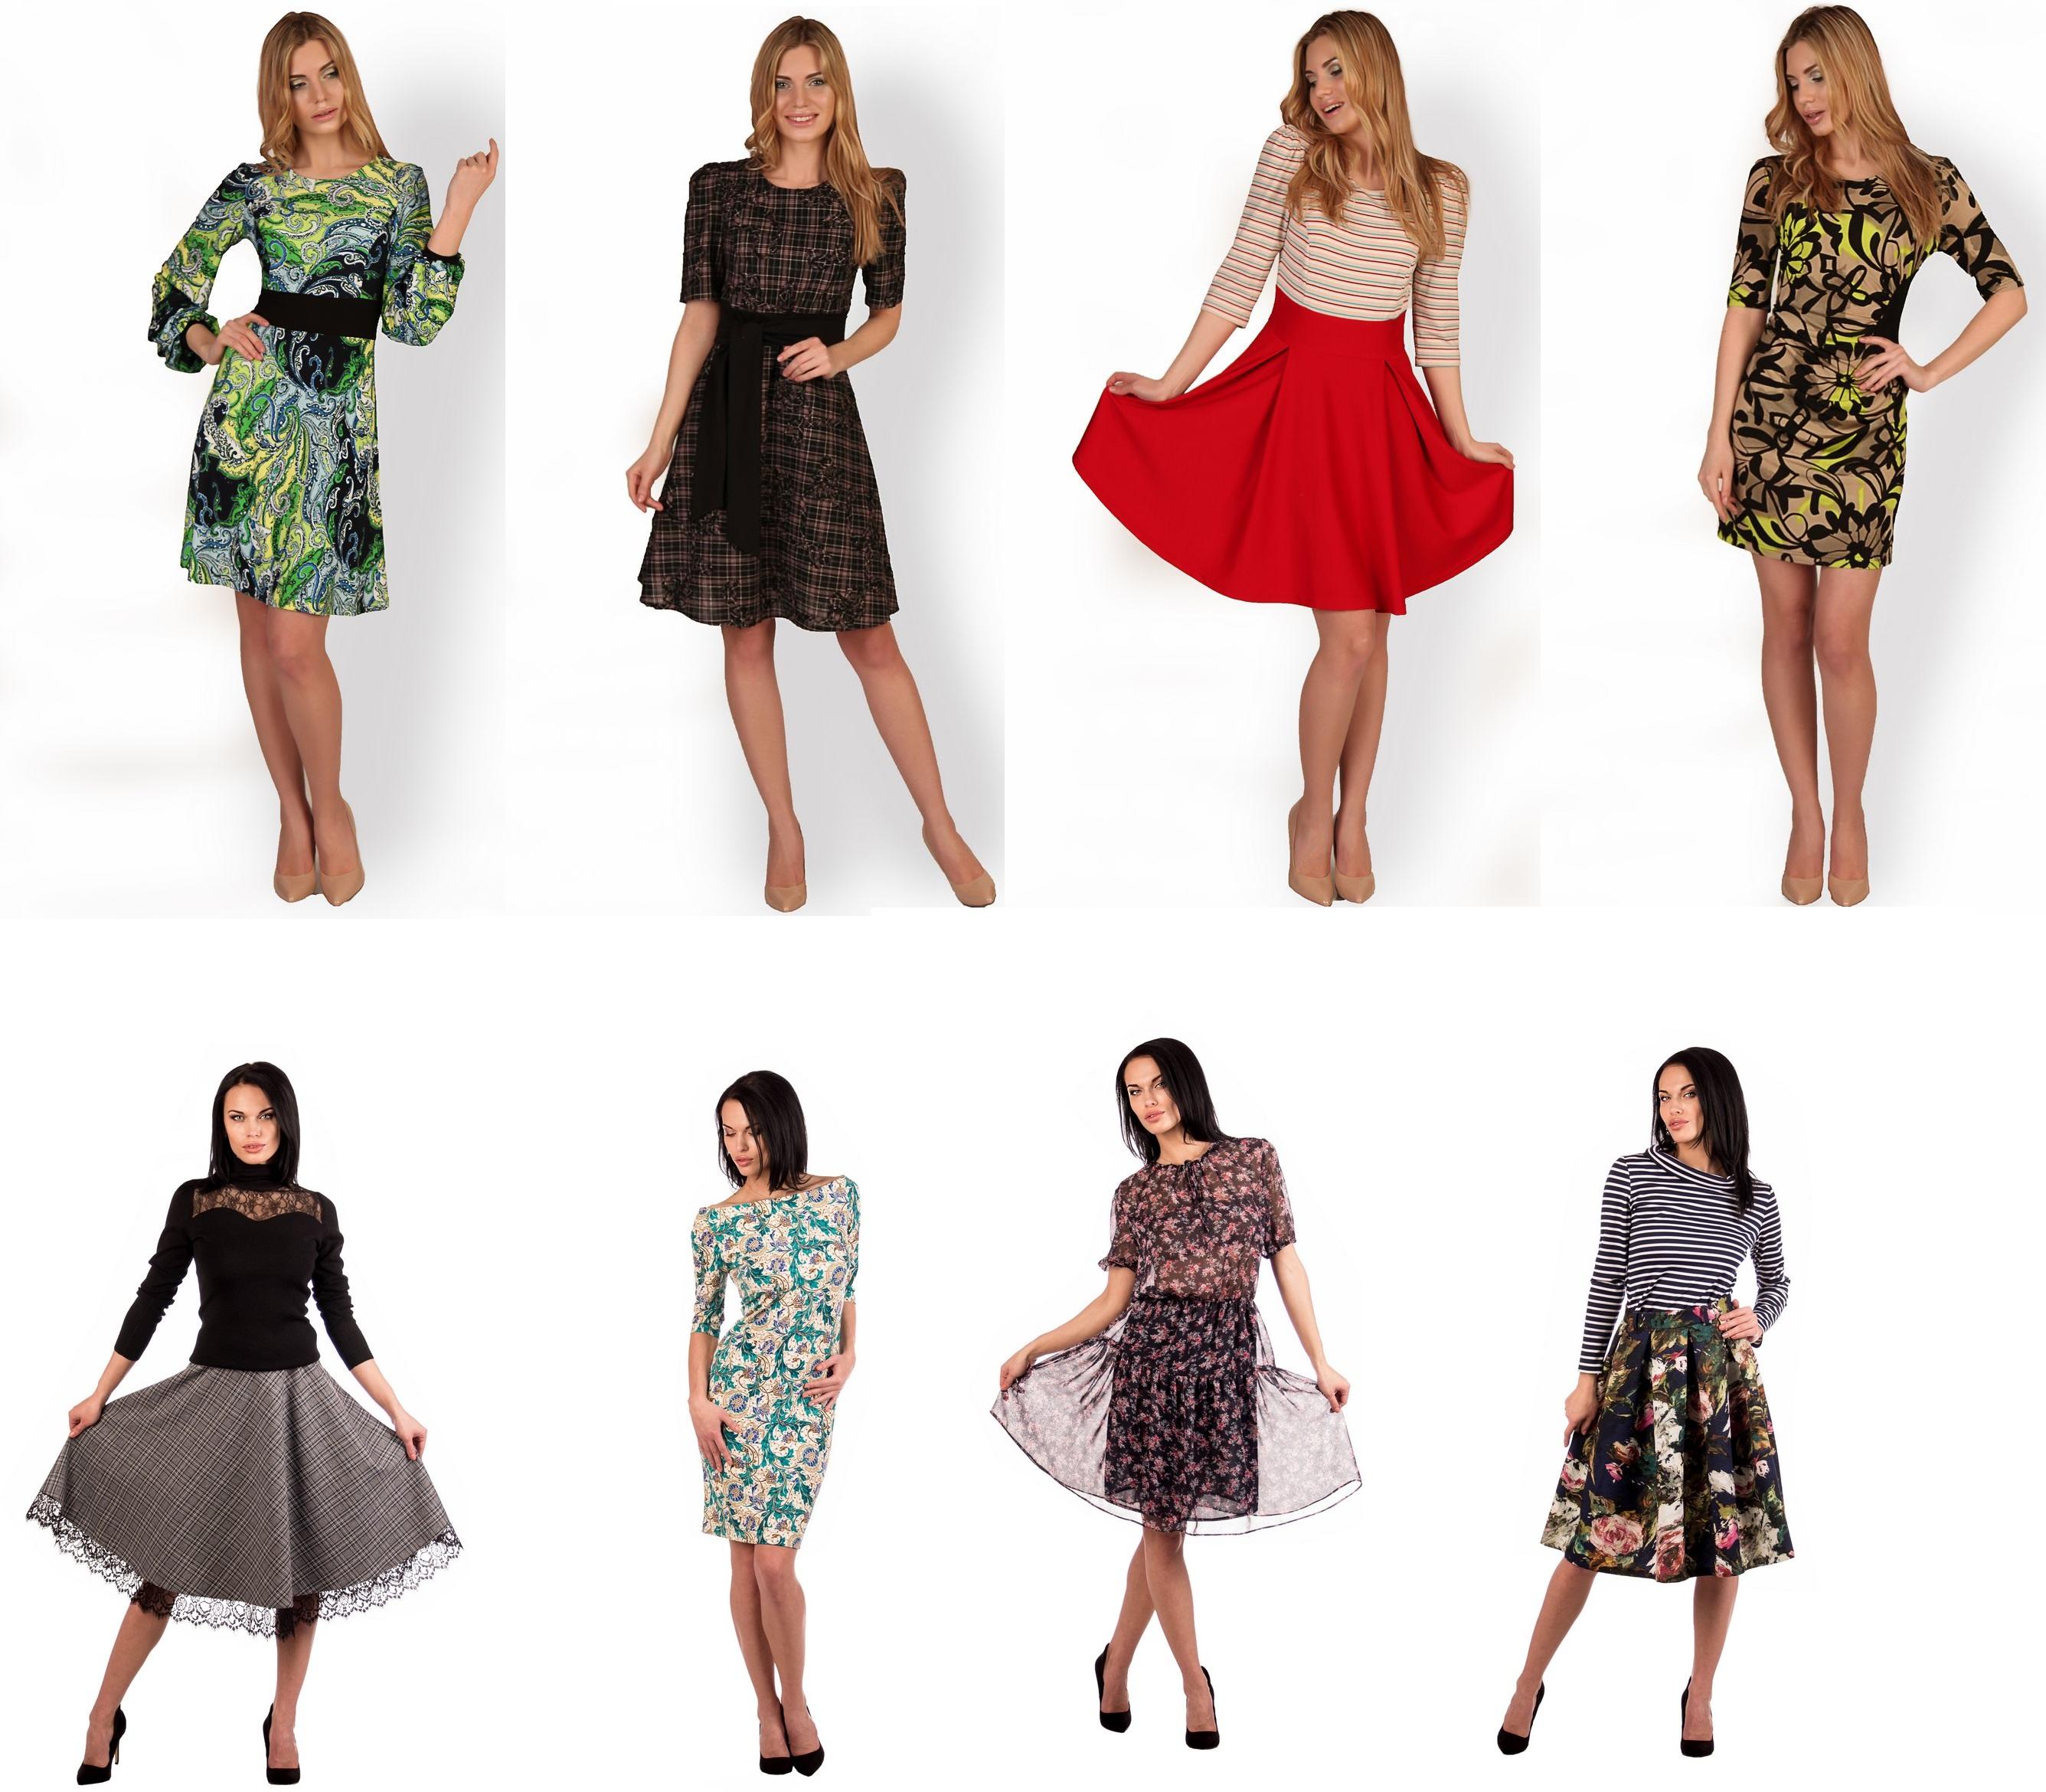 Утончённый дизайн, современный стиль, идеальный крой - 13. Платья, юбки, блузы... От 40 до 58 размера. Без рядов!